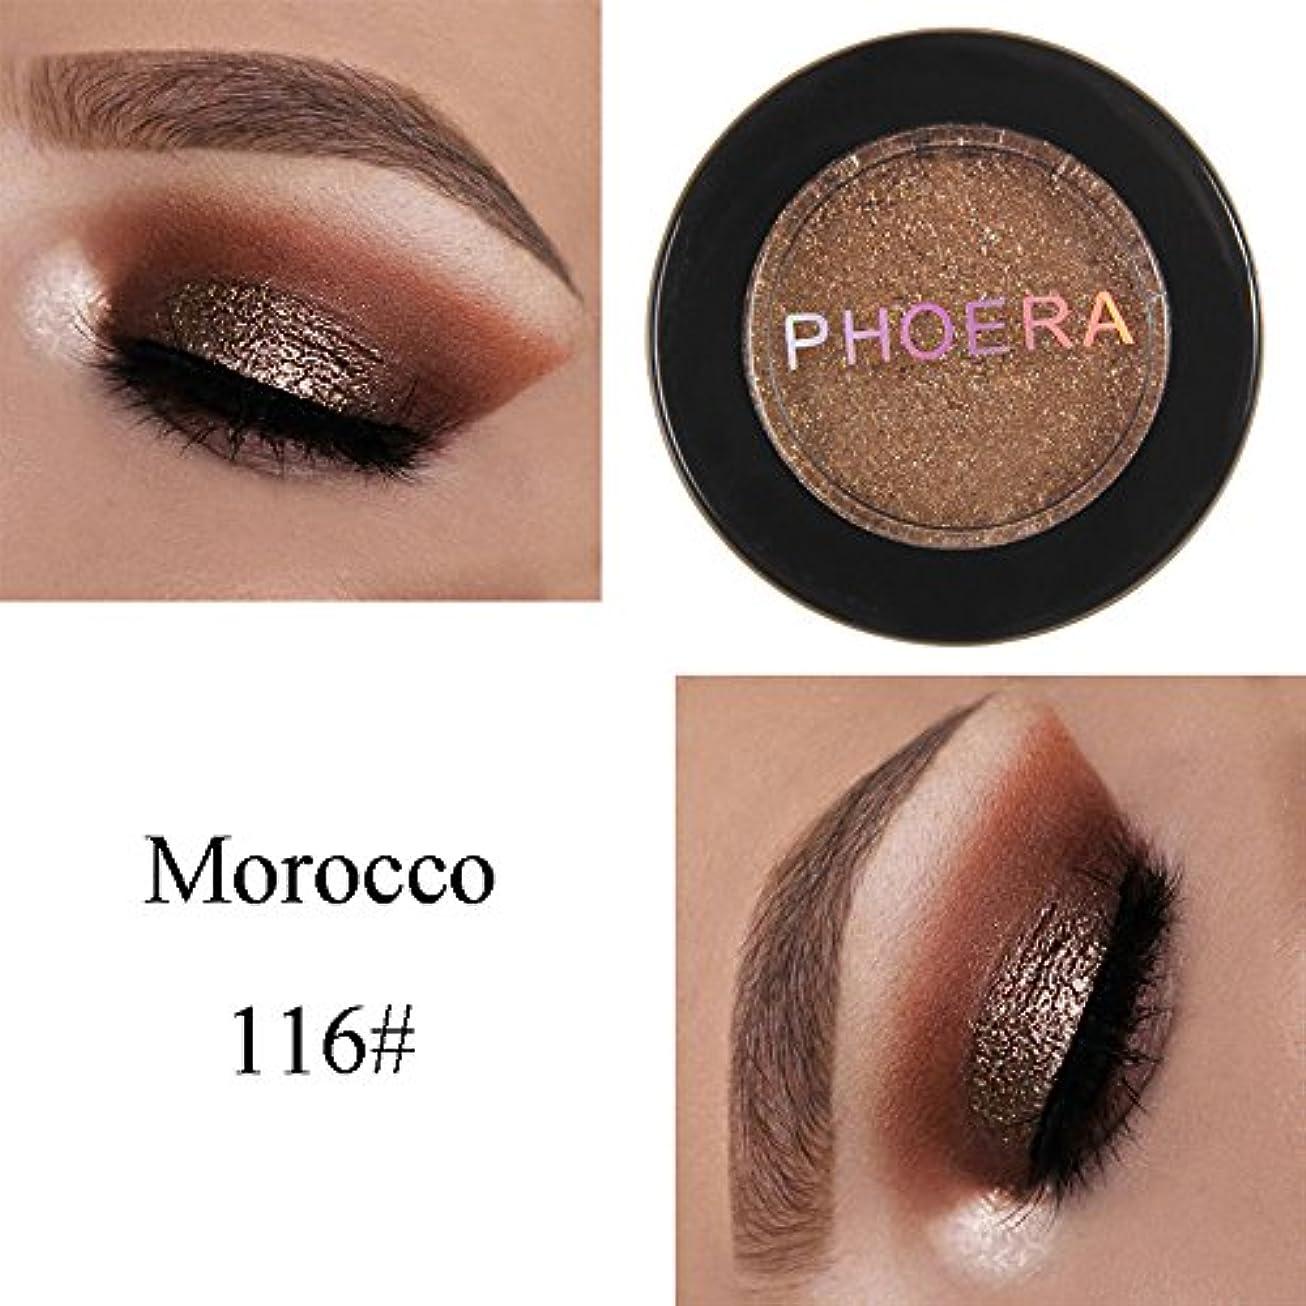 連邦予言するそうAkane アイシャドウパレット PHOERA ファッション 高級 美しい ひとつだけ 単なる 魅力的 キラキラ メタリック 綺麗 素敵 持ち便利 日常 Eye Shadow (24色)